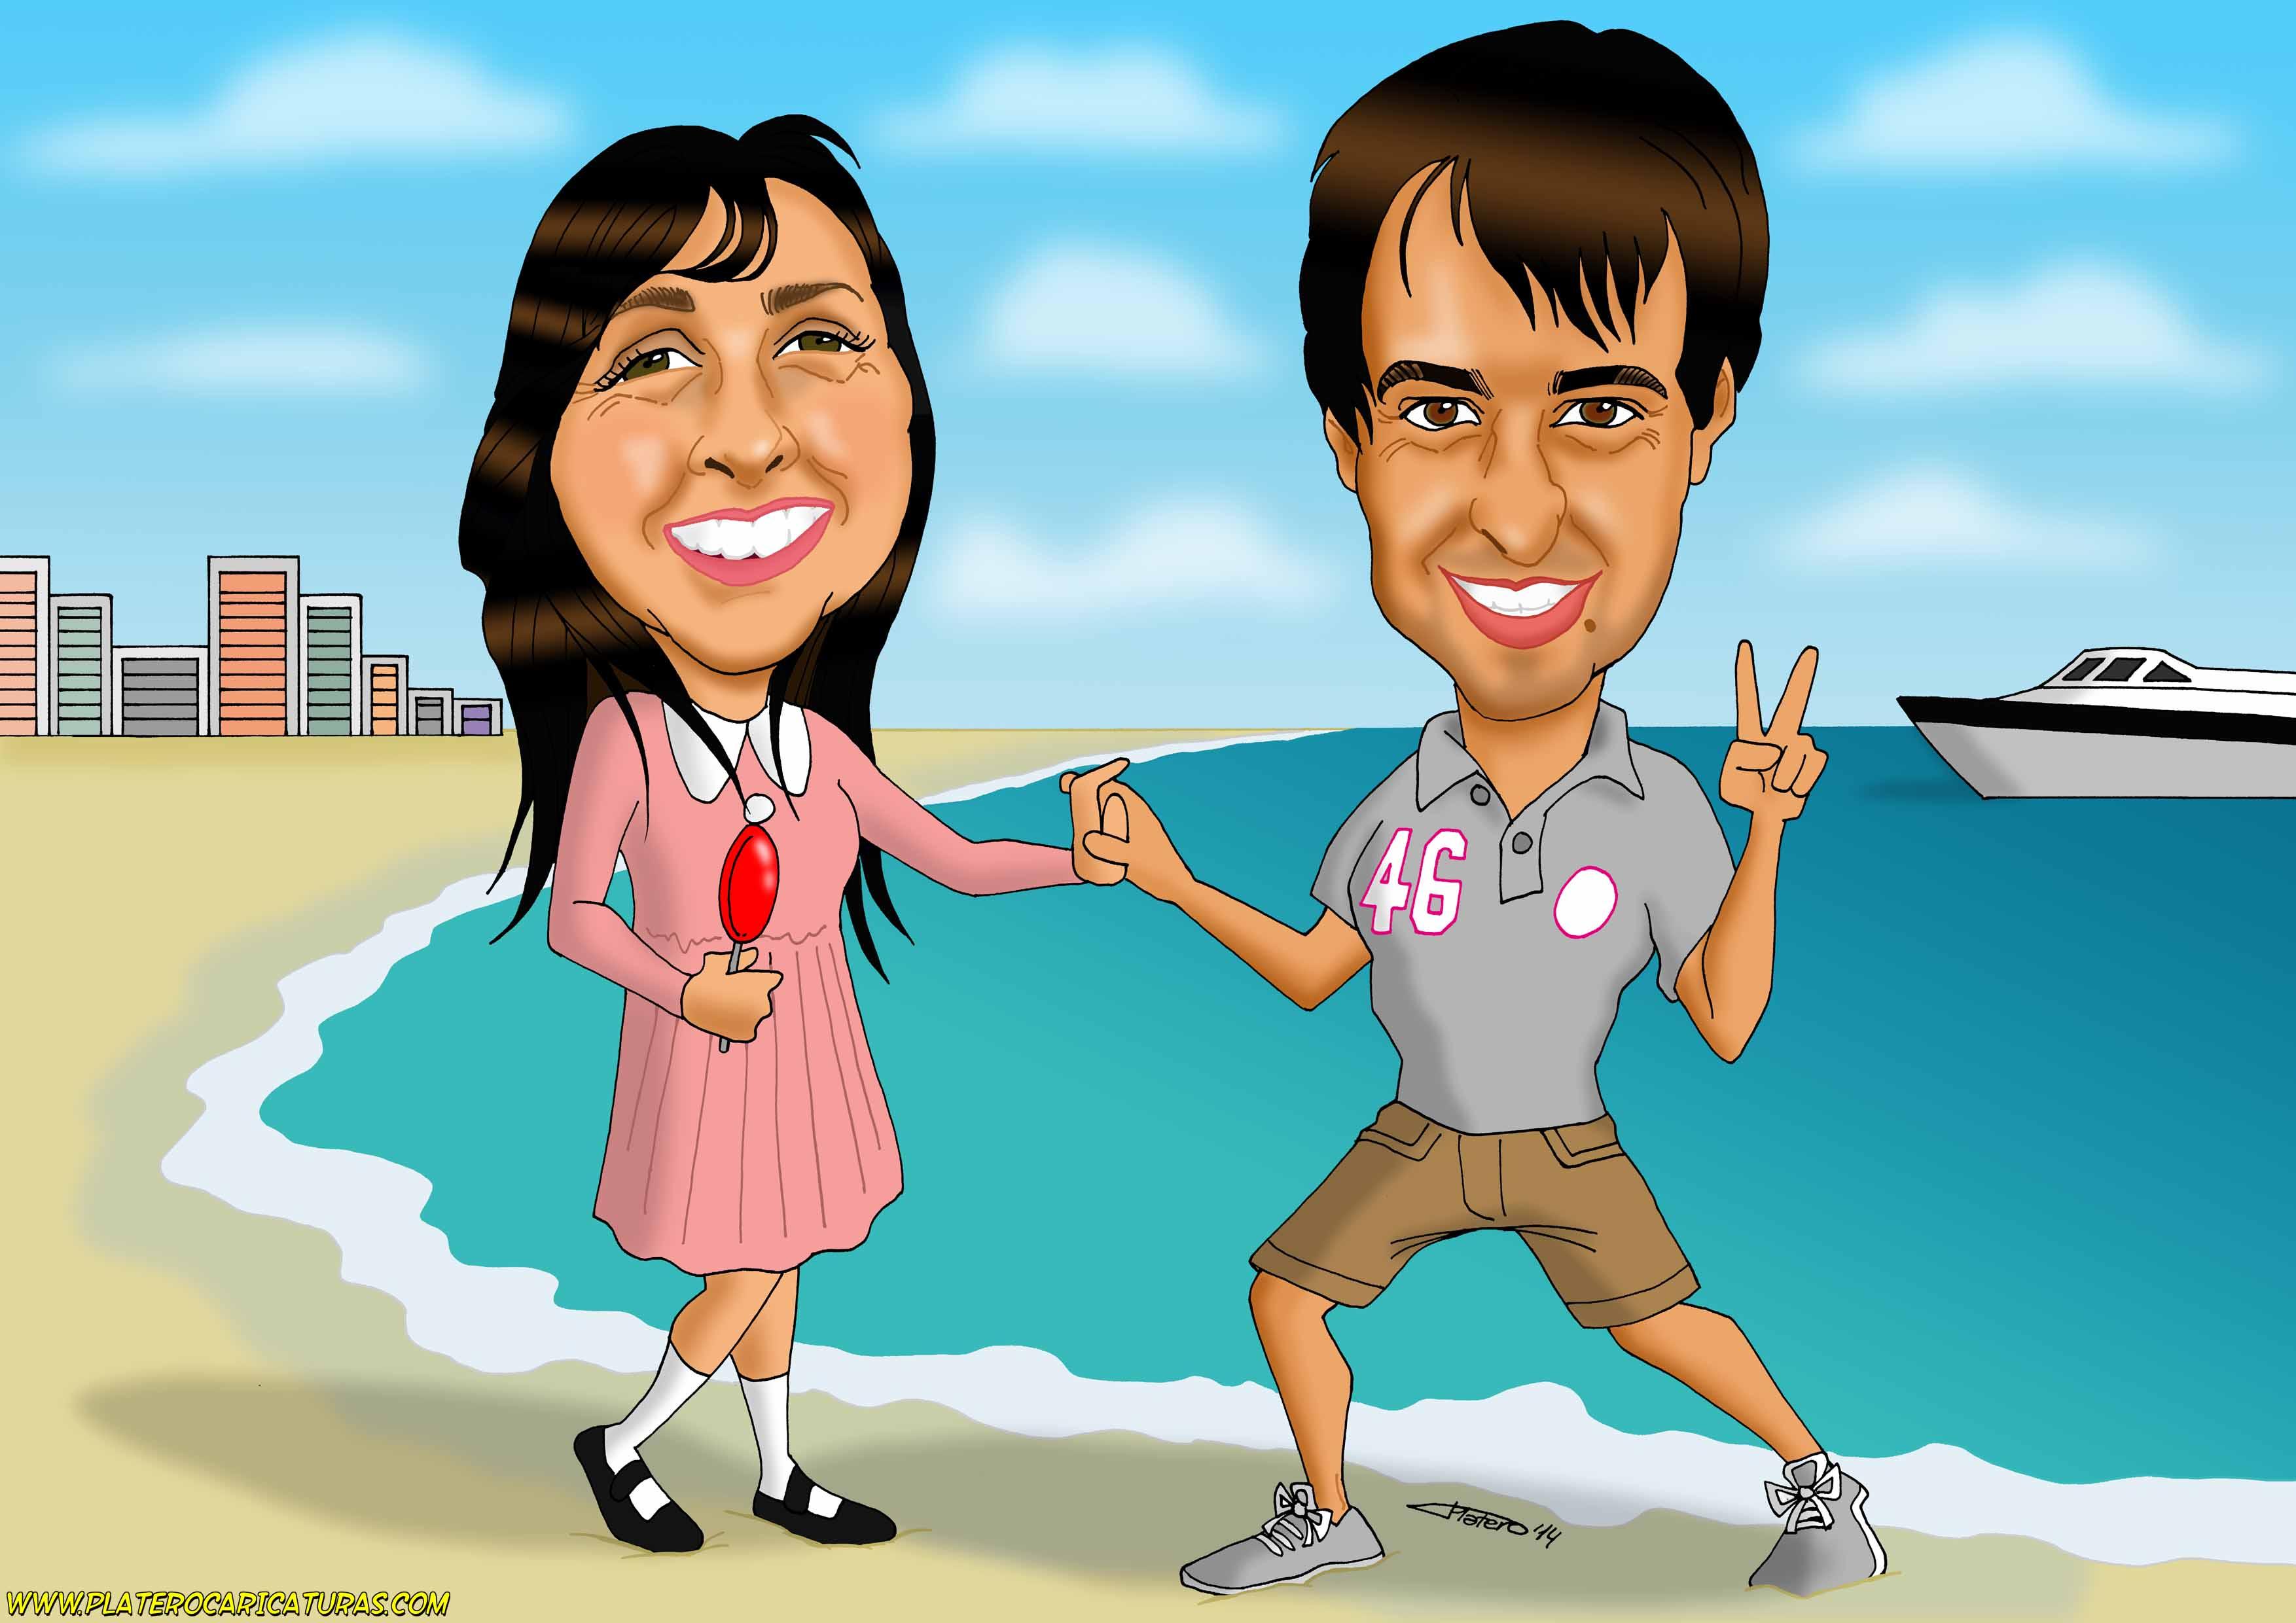 caricaturas a color por encargo personalizadas_pareja en la playa_platerocaricat